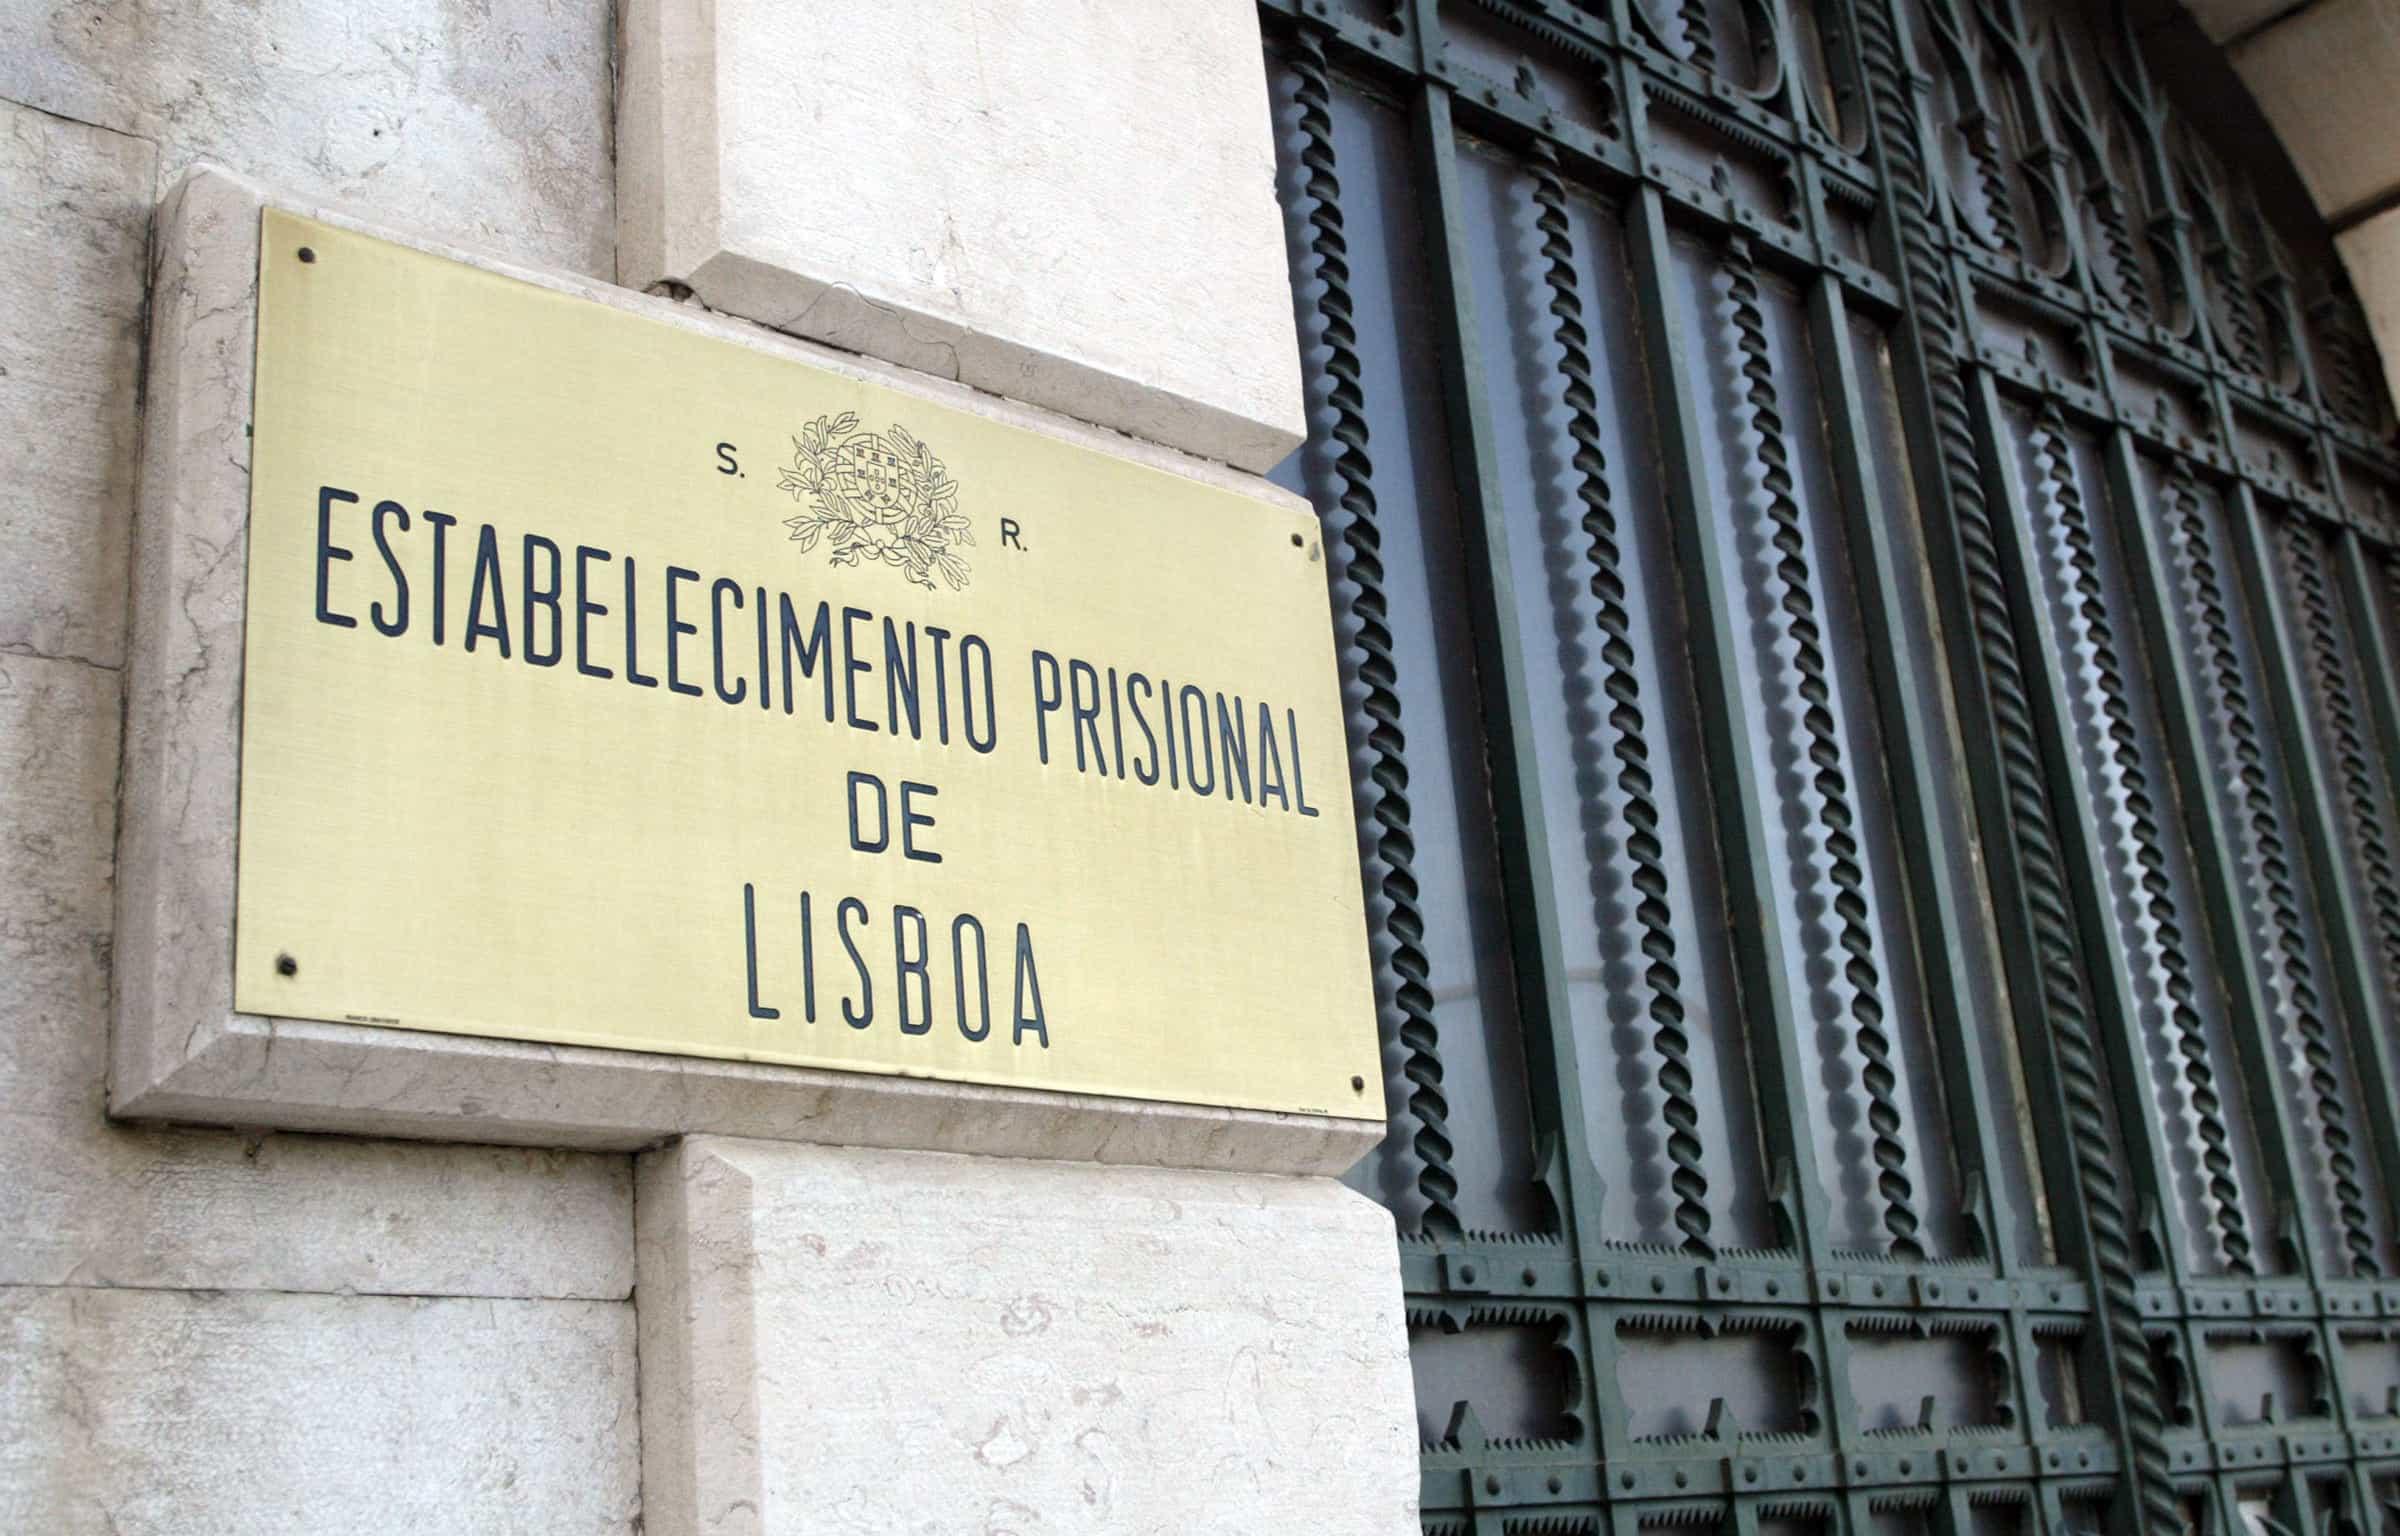 Motim na Ala B do Estabelecimento Prisional de Lisboa. GISP chamado